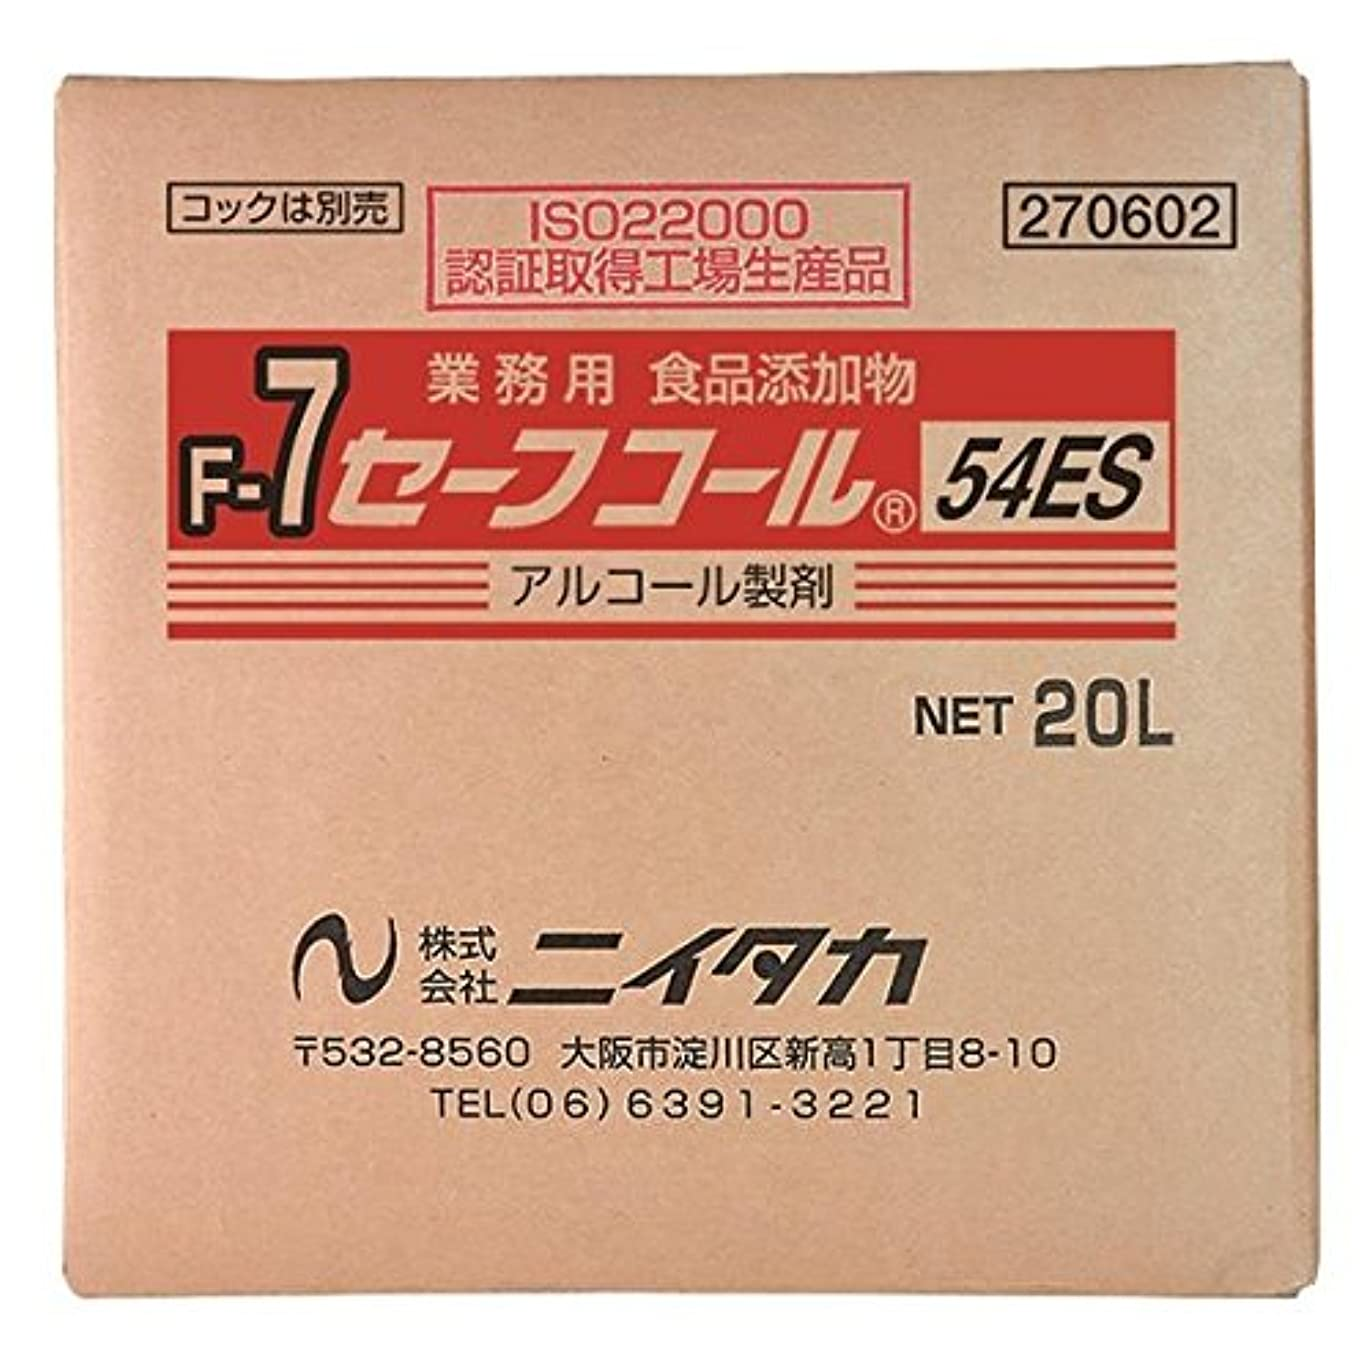 制裁投獄狭いニイタカ:セーフコール54ES(F-7) 20L(BIB) 270602